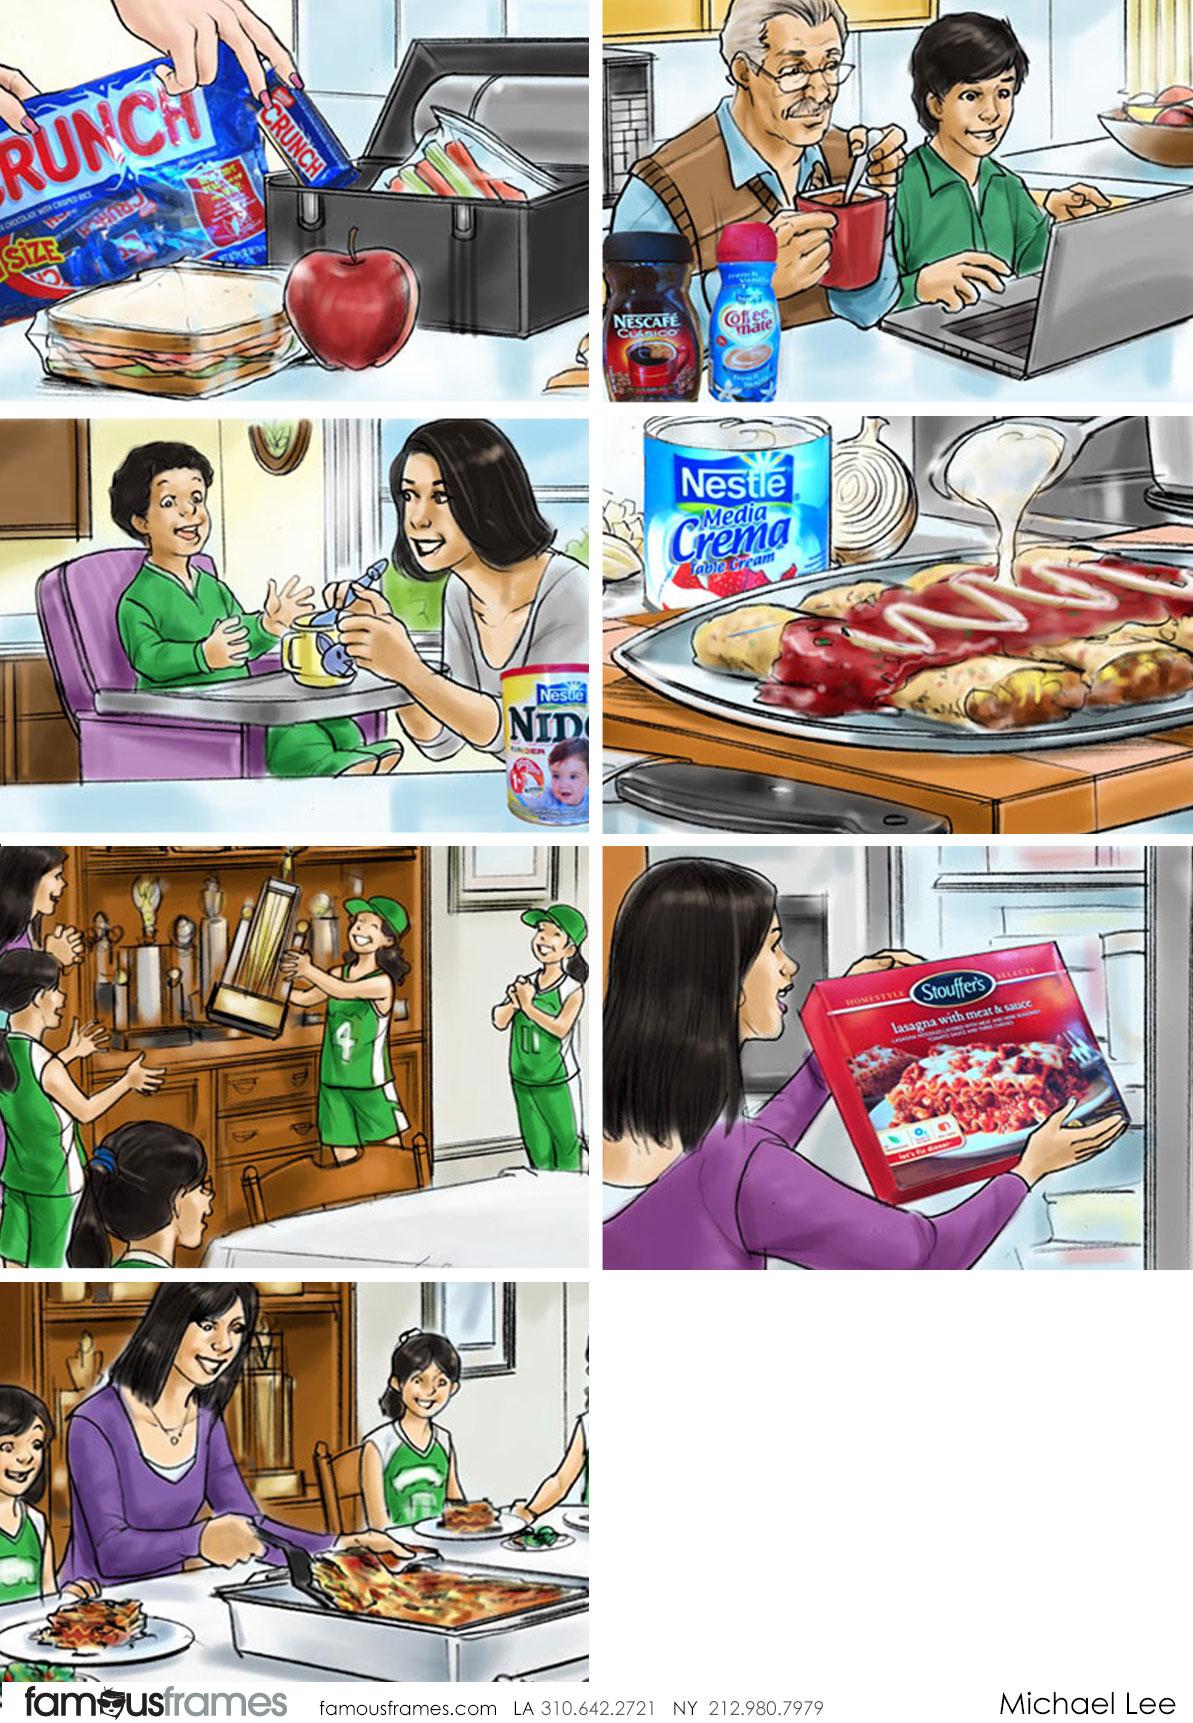 Michael Lee's Food storyboard art (Image #100_13_1489179010)